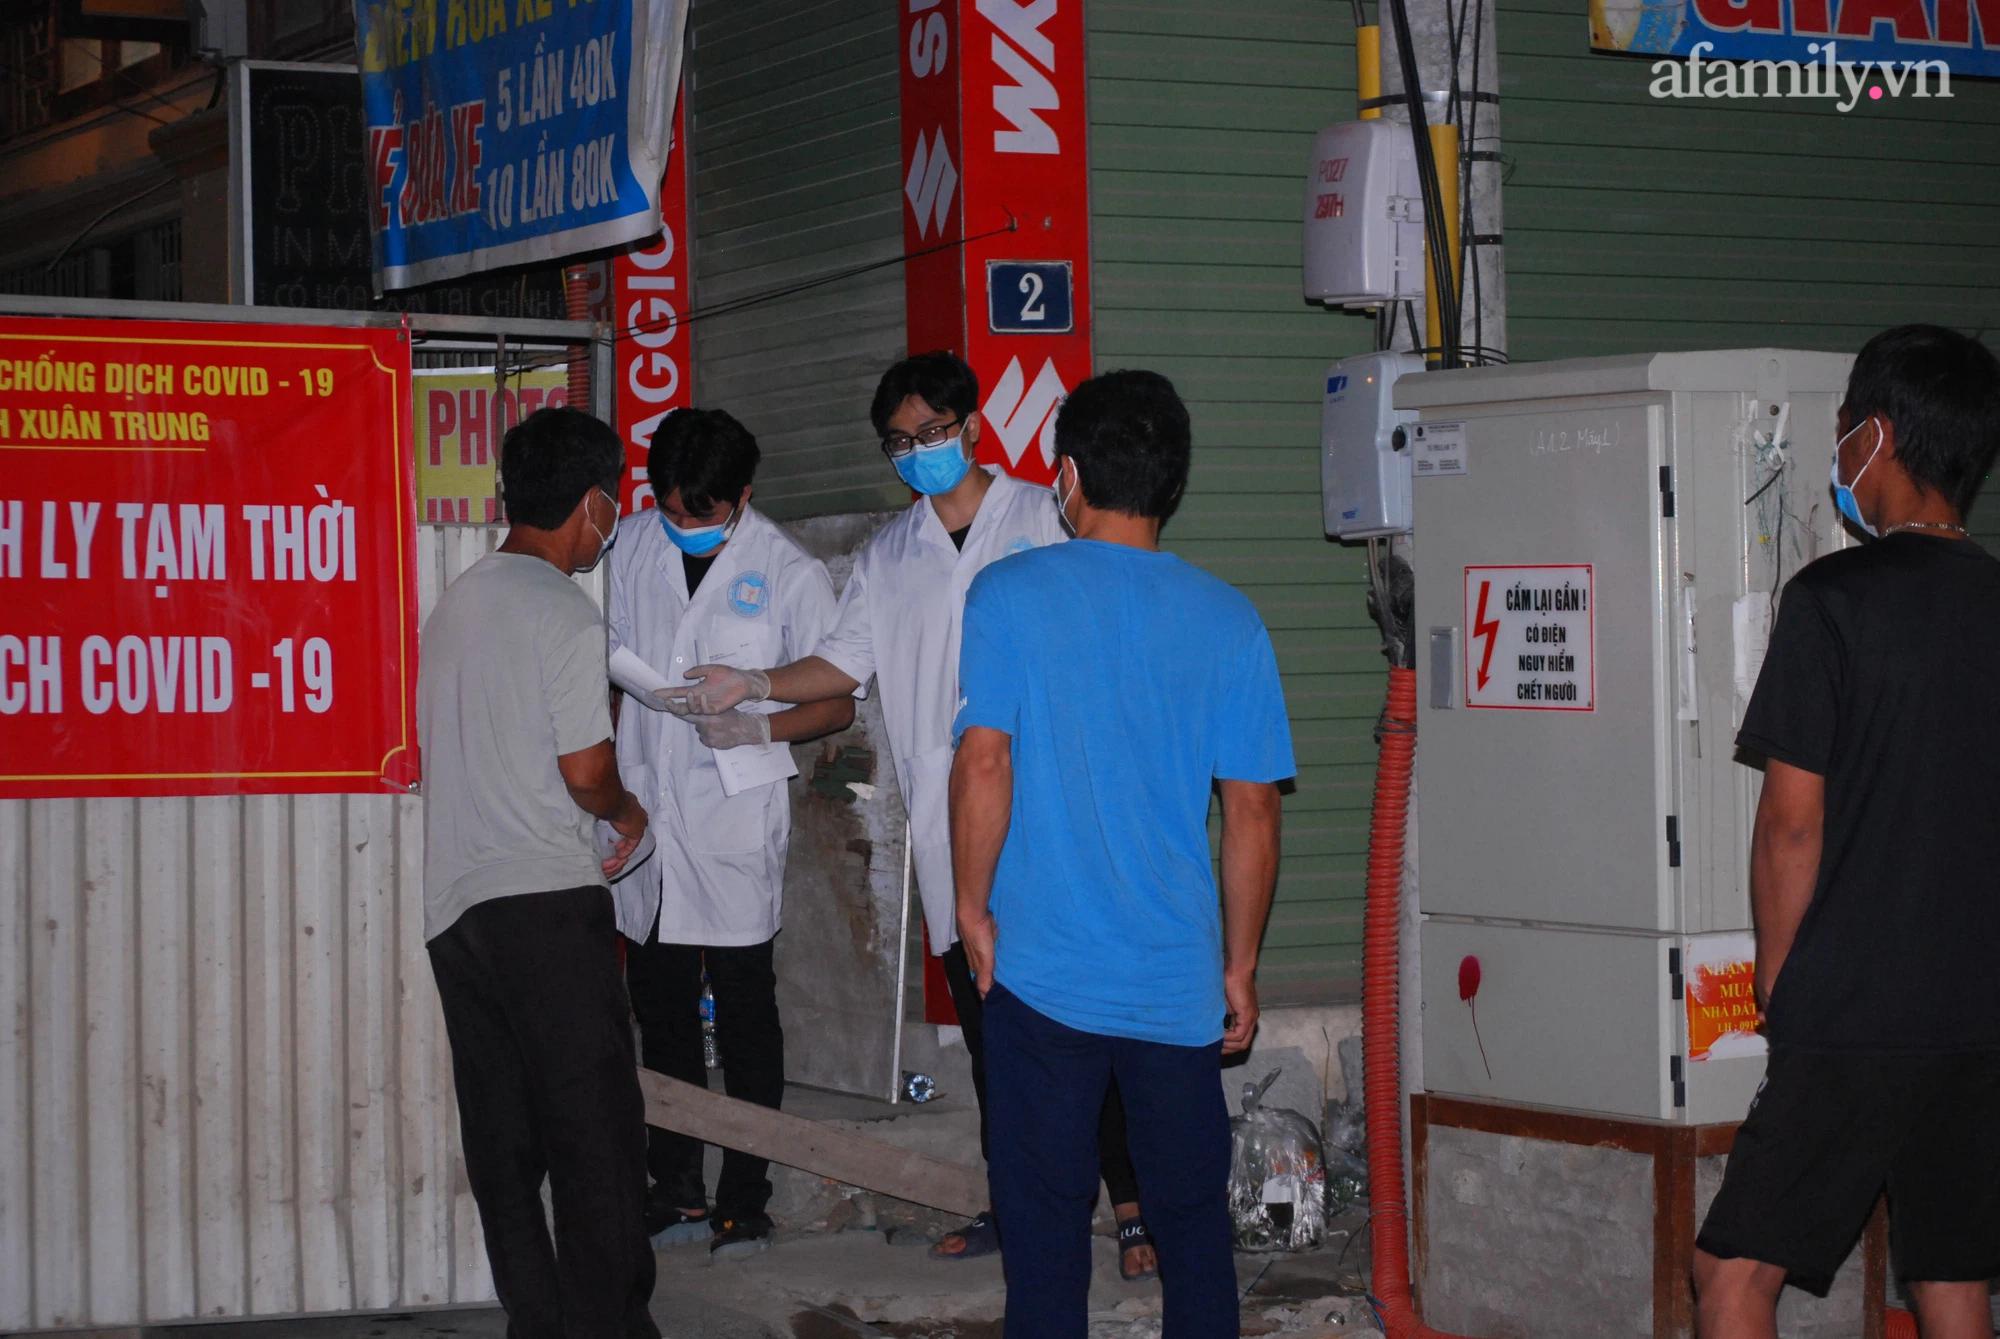 Một trong những điểm ghi nhận ca mắc Covid-19 tại quận Thanh Xuân